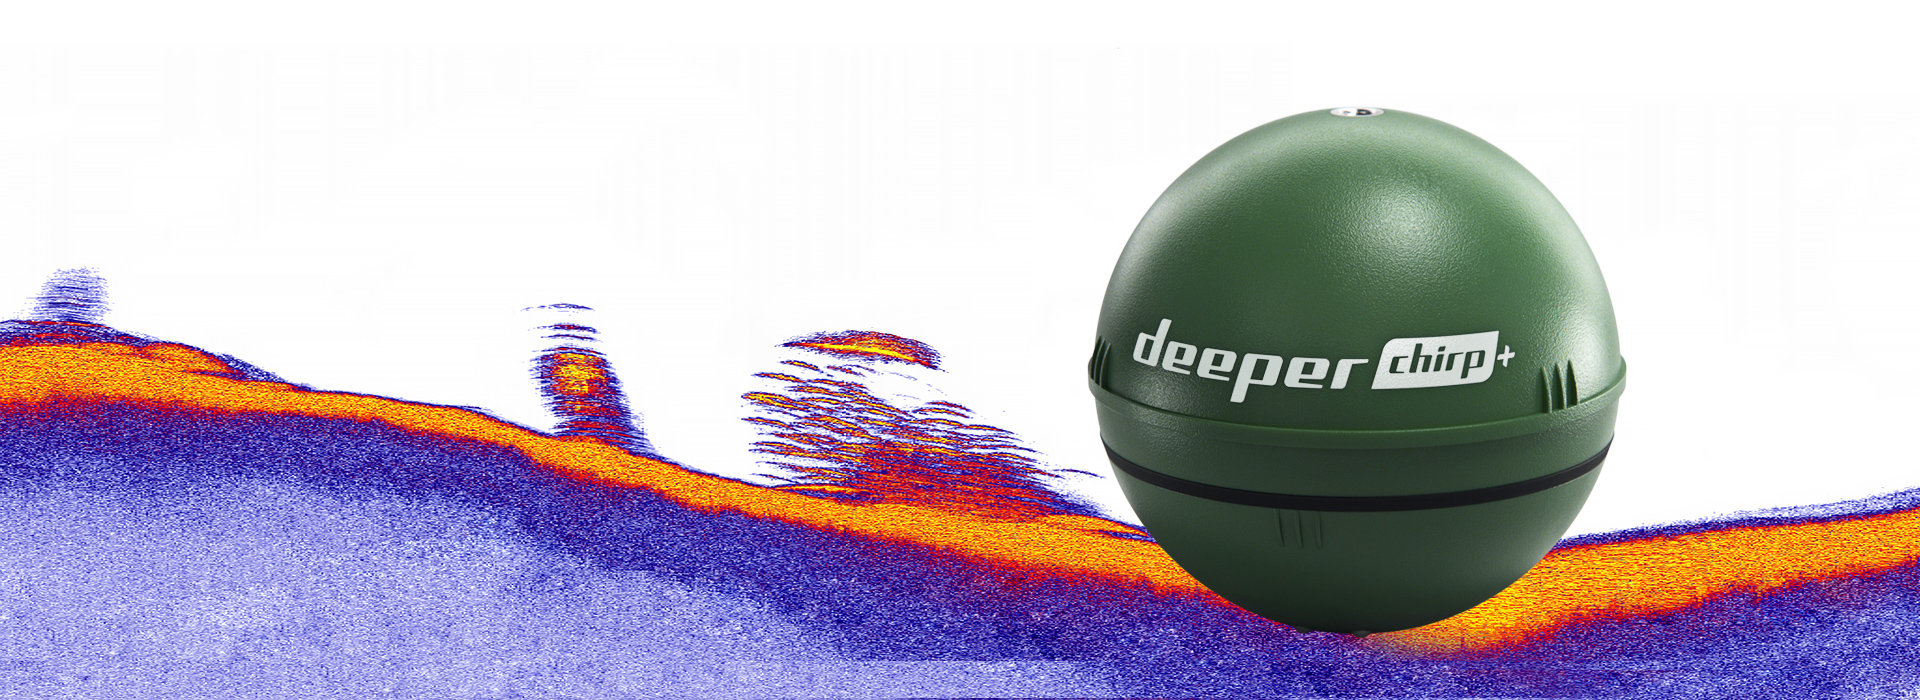 Angeln wie nie zuvorDas weltweit einzige auswerfbare CHIRP-Sonar mit integriertem GPS